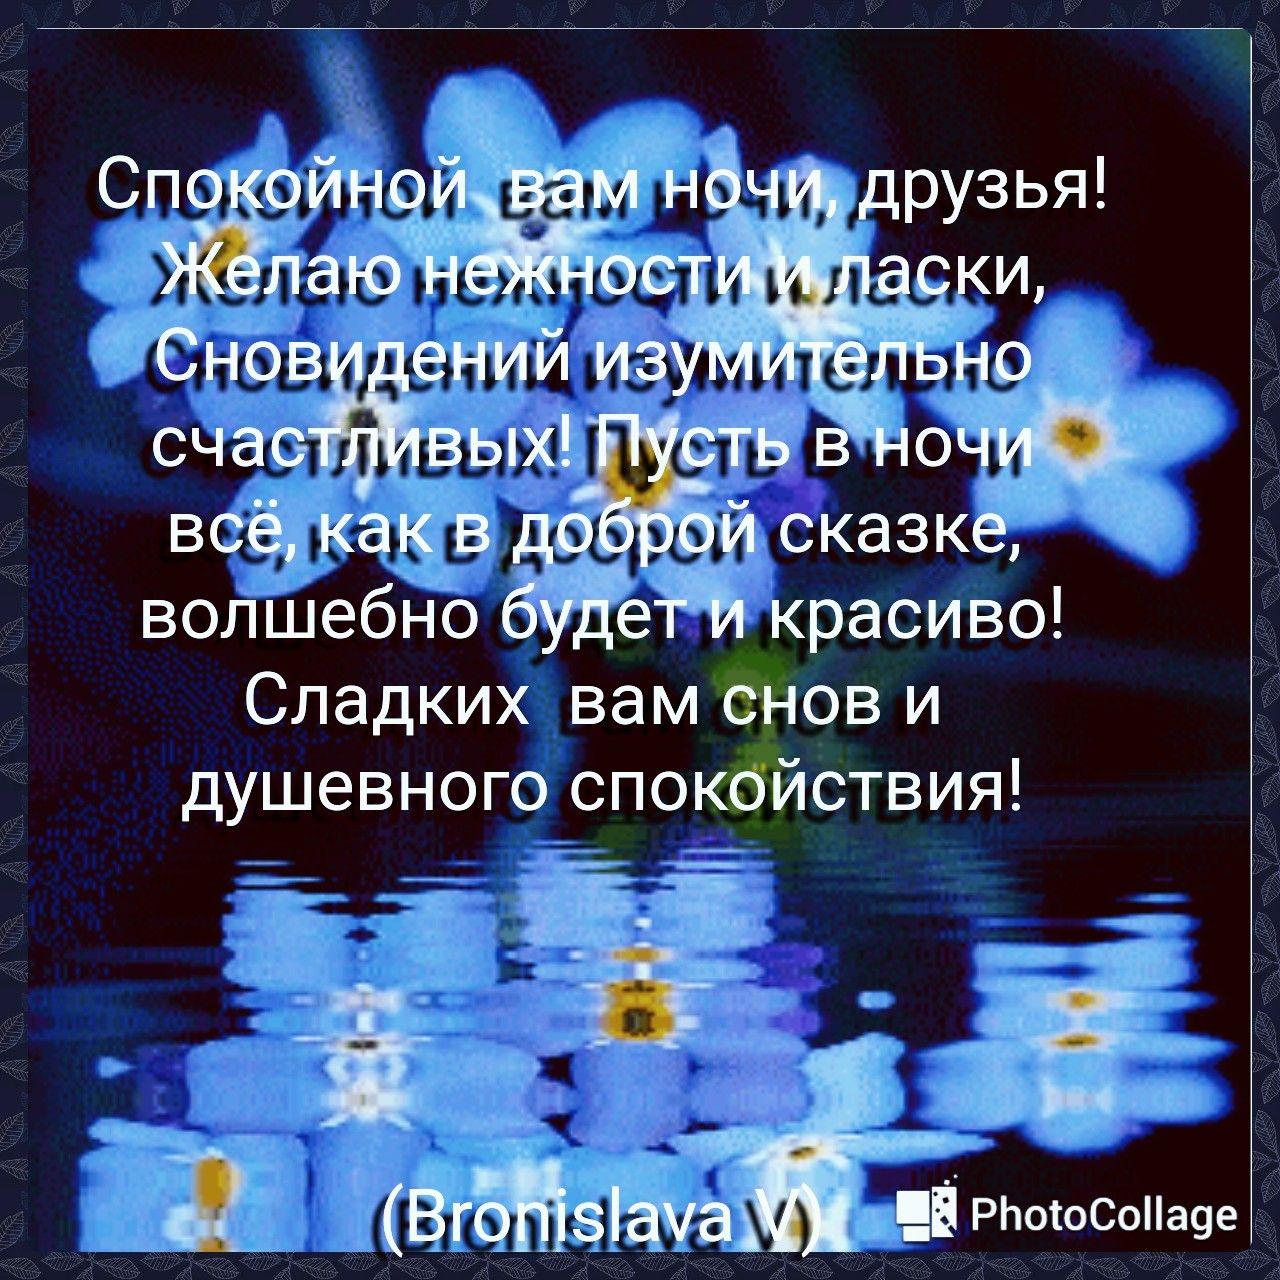 Спокойной ночи мой виртуальный друг картинки